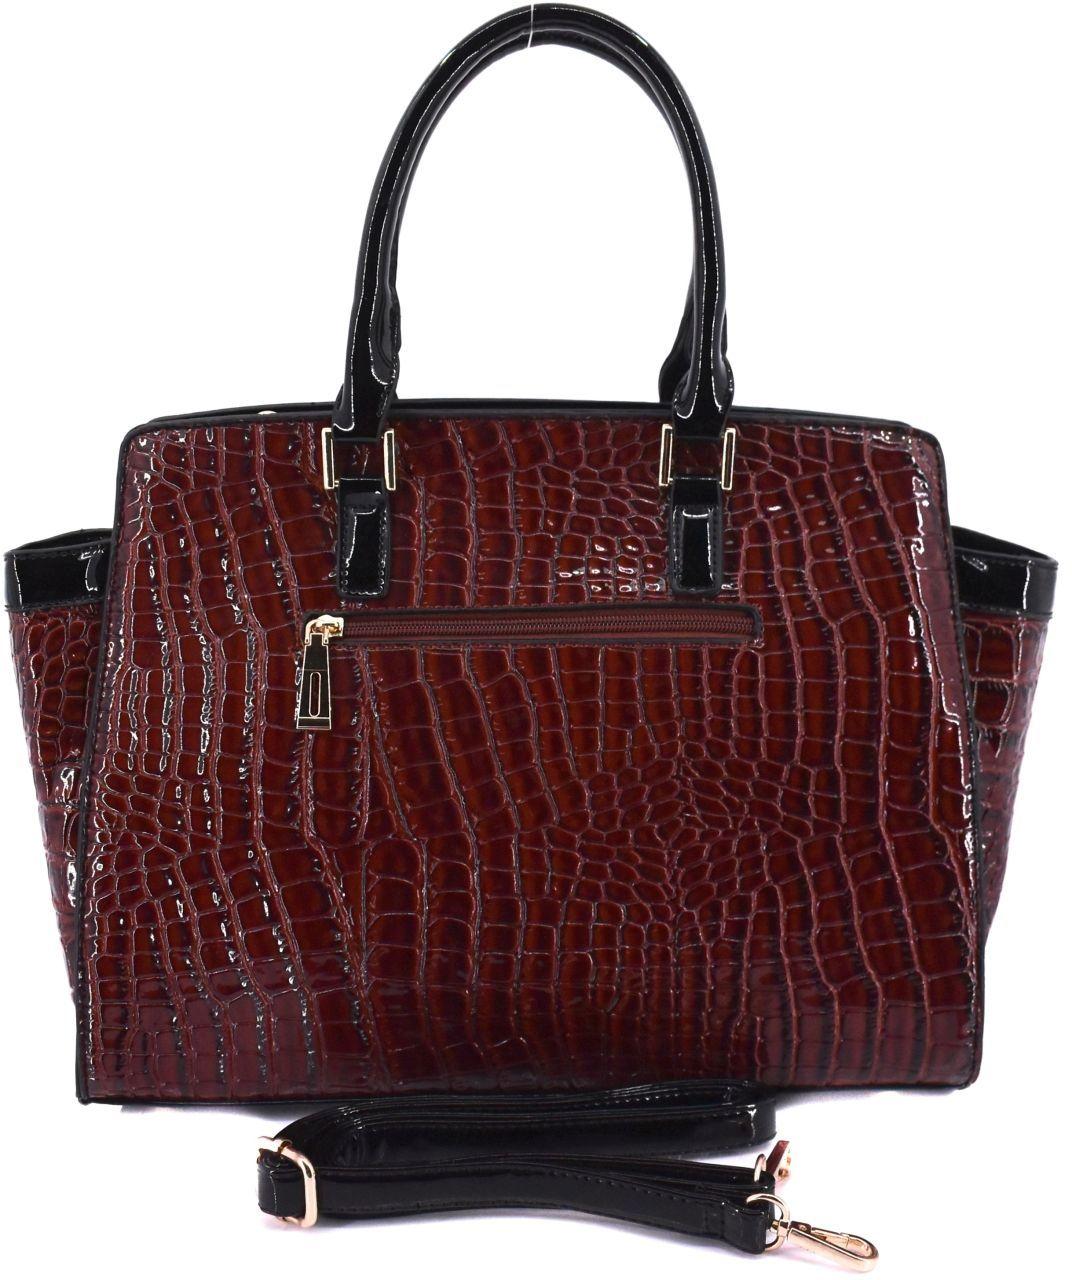 Luxusní dámská lakovaná kabelka - šedá 30742